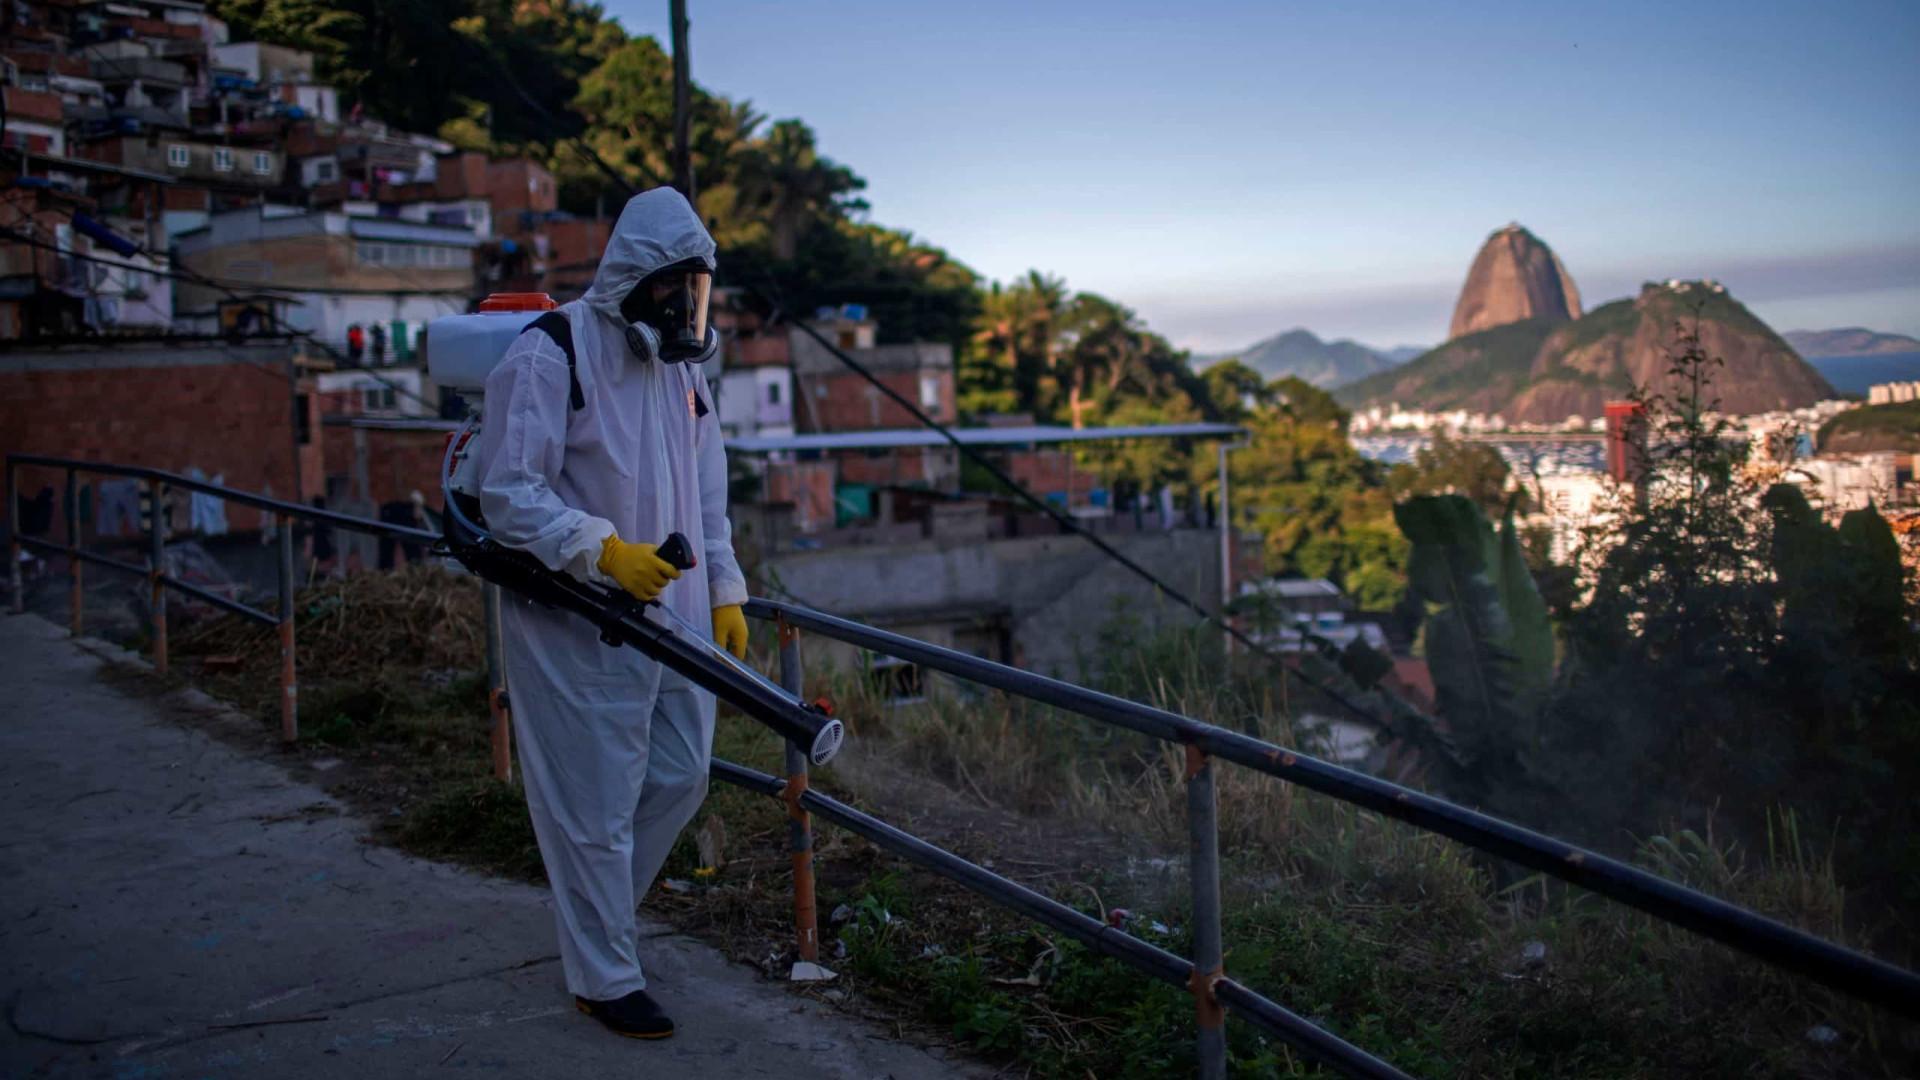 Brasil regista 5.632 novos casos e quase 400 mortes nas últimas 24 horas